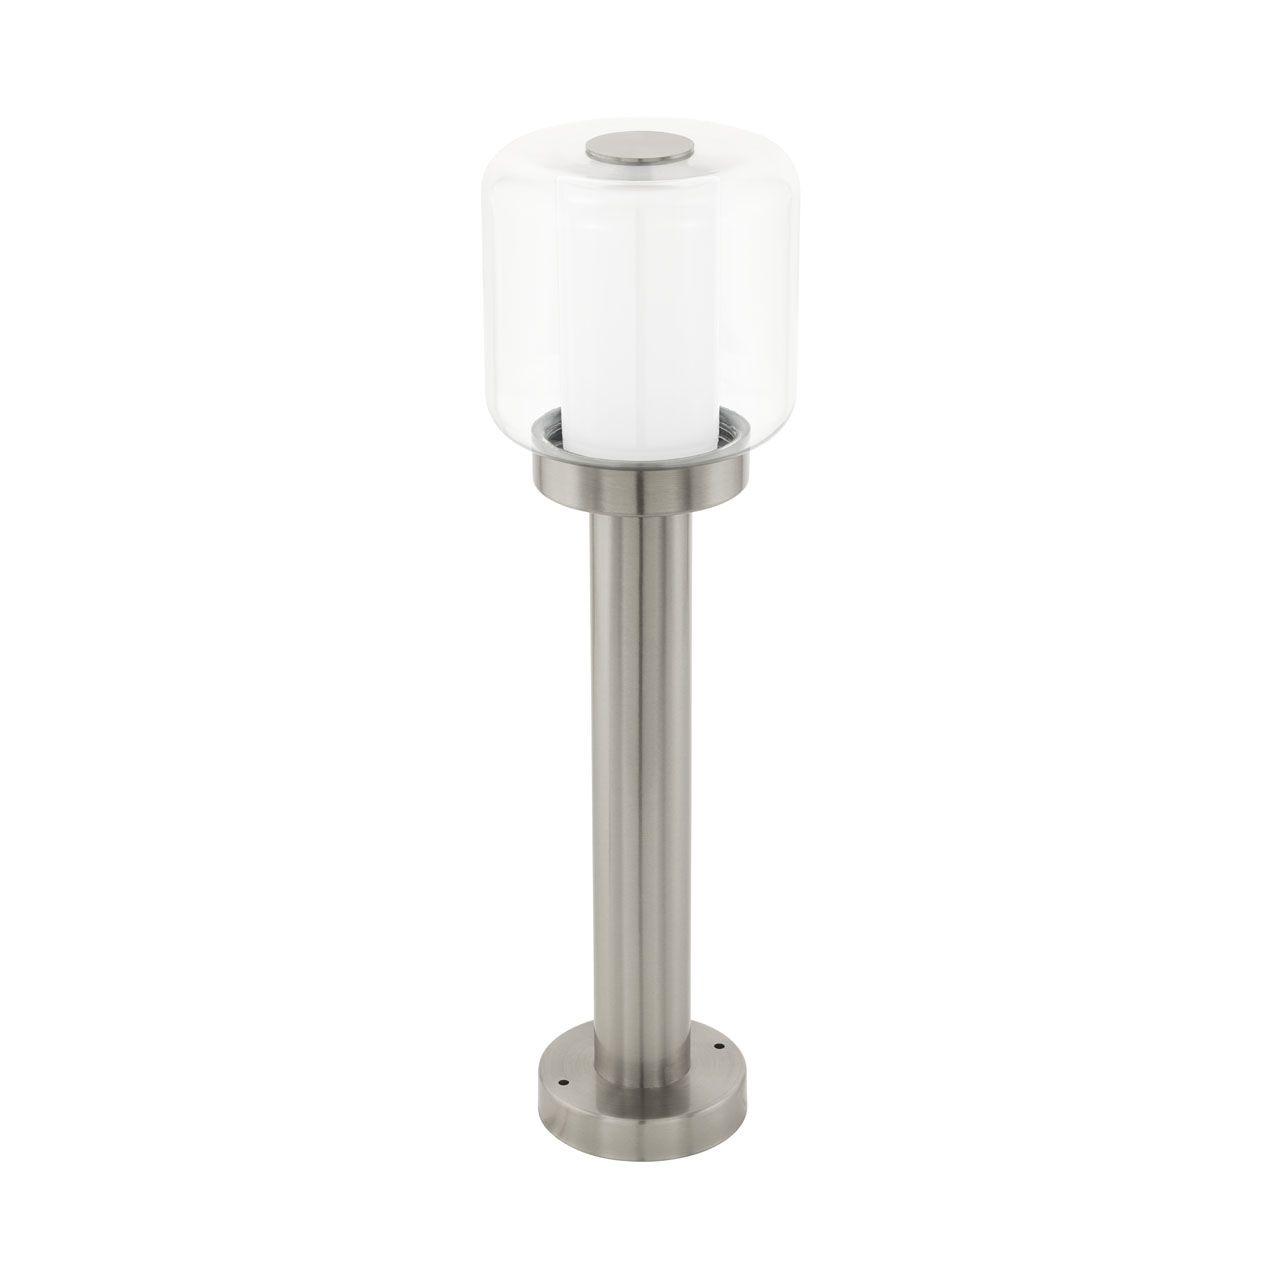 Купить Уличный светильник Eglo Poliento с плафоном из стекла, inmyroom, Австрия